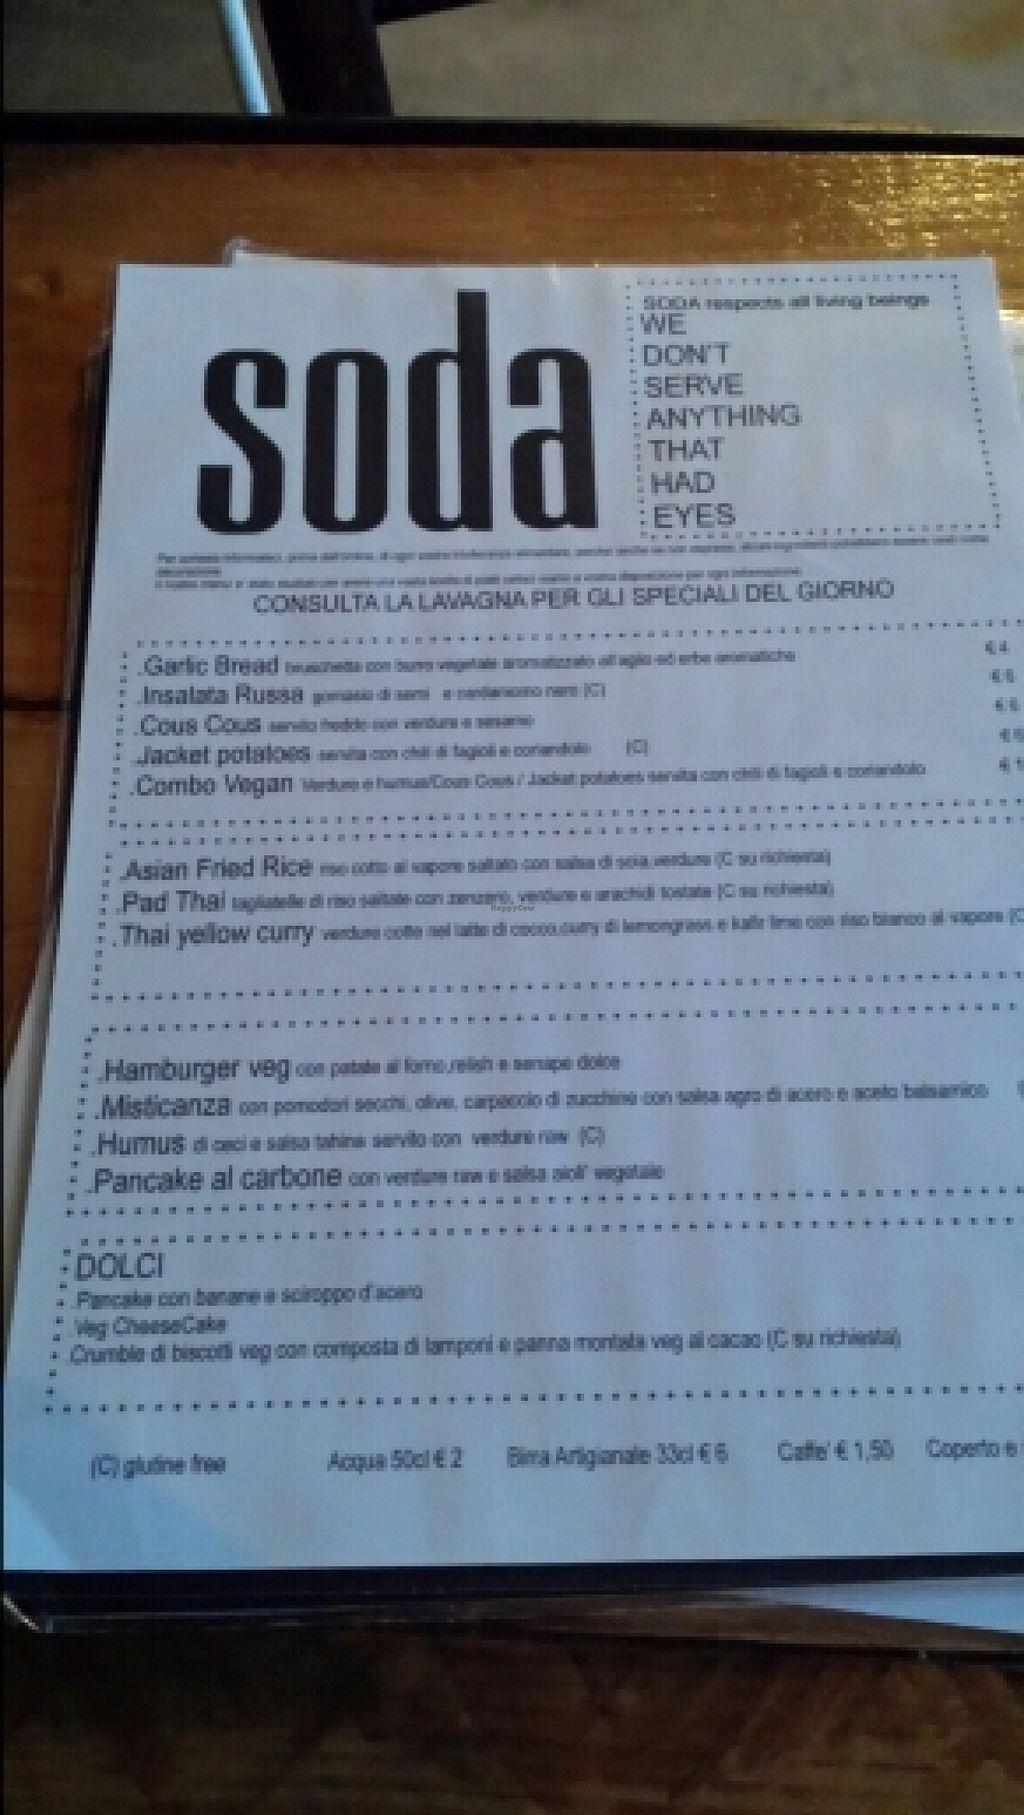 """Photo of Soda  by <a href=""""/members/profile/AndreaPagani"""">AndreaPagani</a> <br/>Un bel menù da provare tutto...io oltre al l'insalata di cavolini di Bruxelles e al combovegan, ho preso l'insalata russa ai semi di cardamomo nero e un cheesecakeveg ai lamponi...ottimi entrambi <br/> April 18, 2016  - <a href='/contact/abuse/image/47394/145097'>Report</a>"""